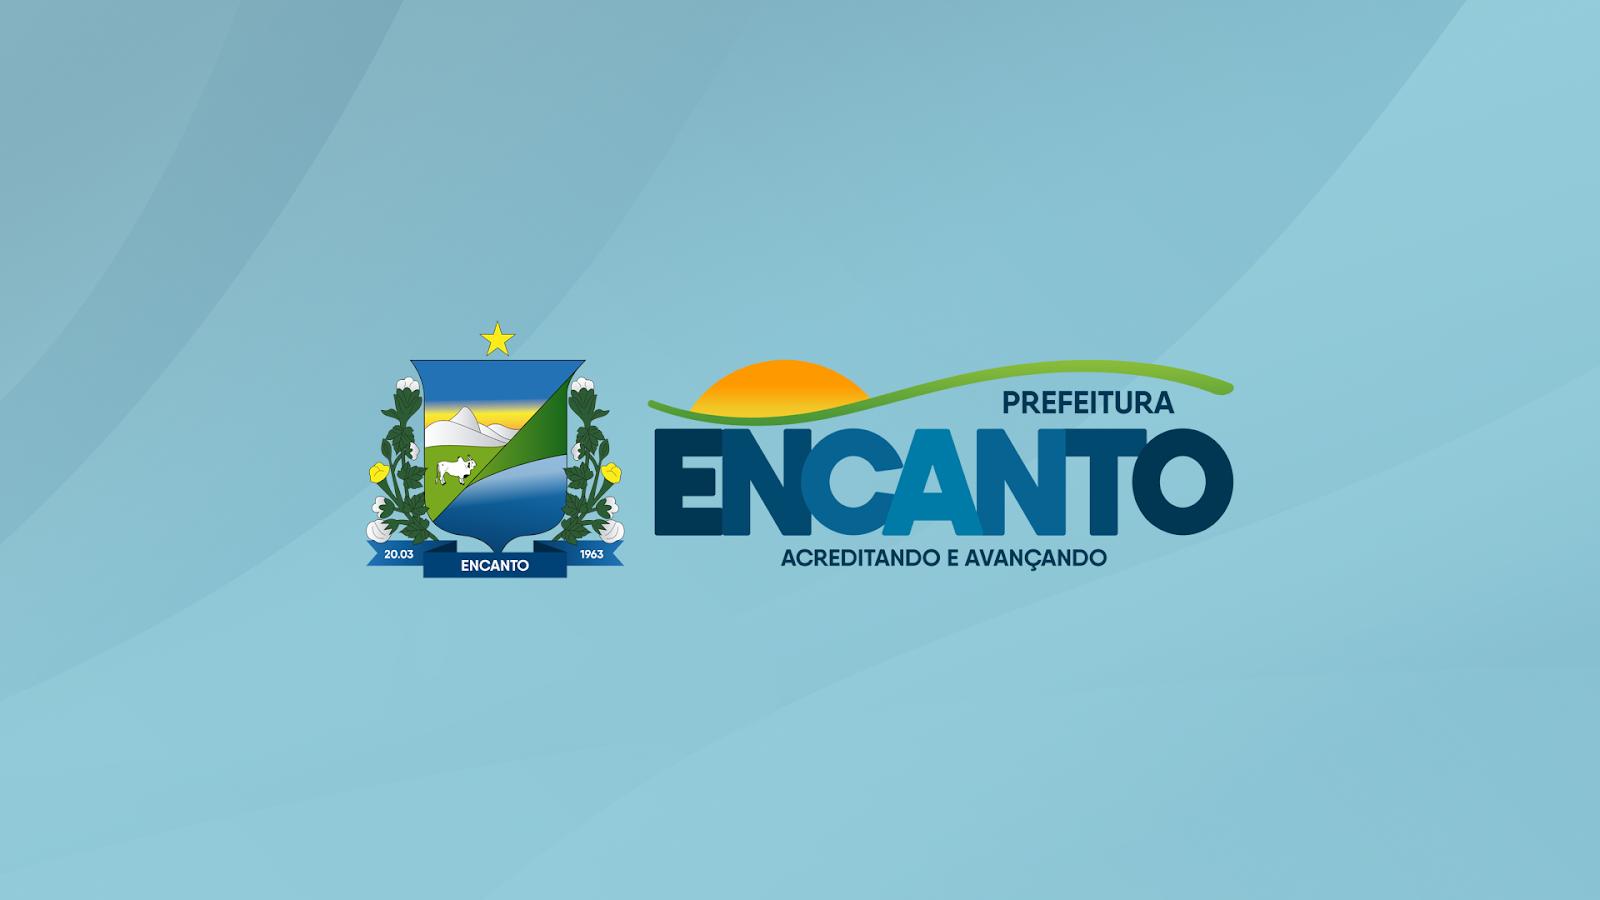 Prefeitura Municipal de Encanto